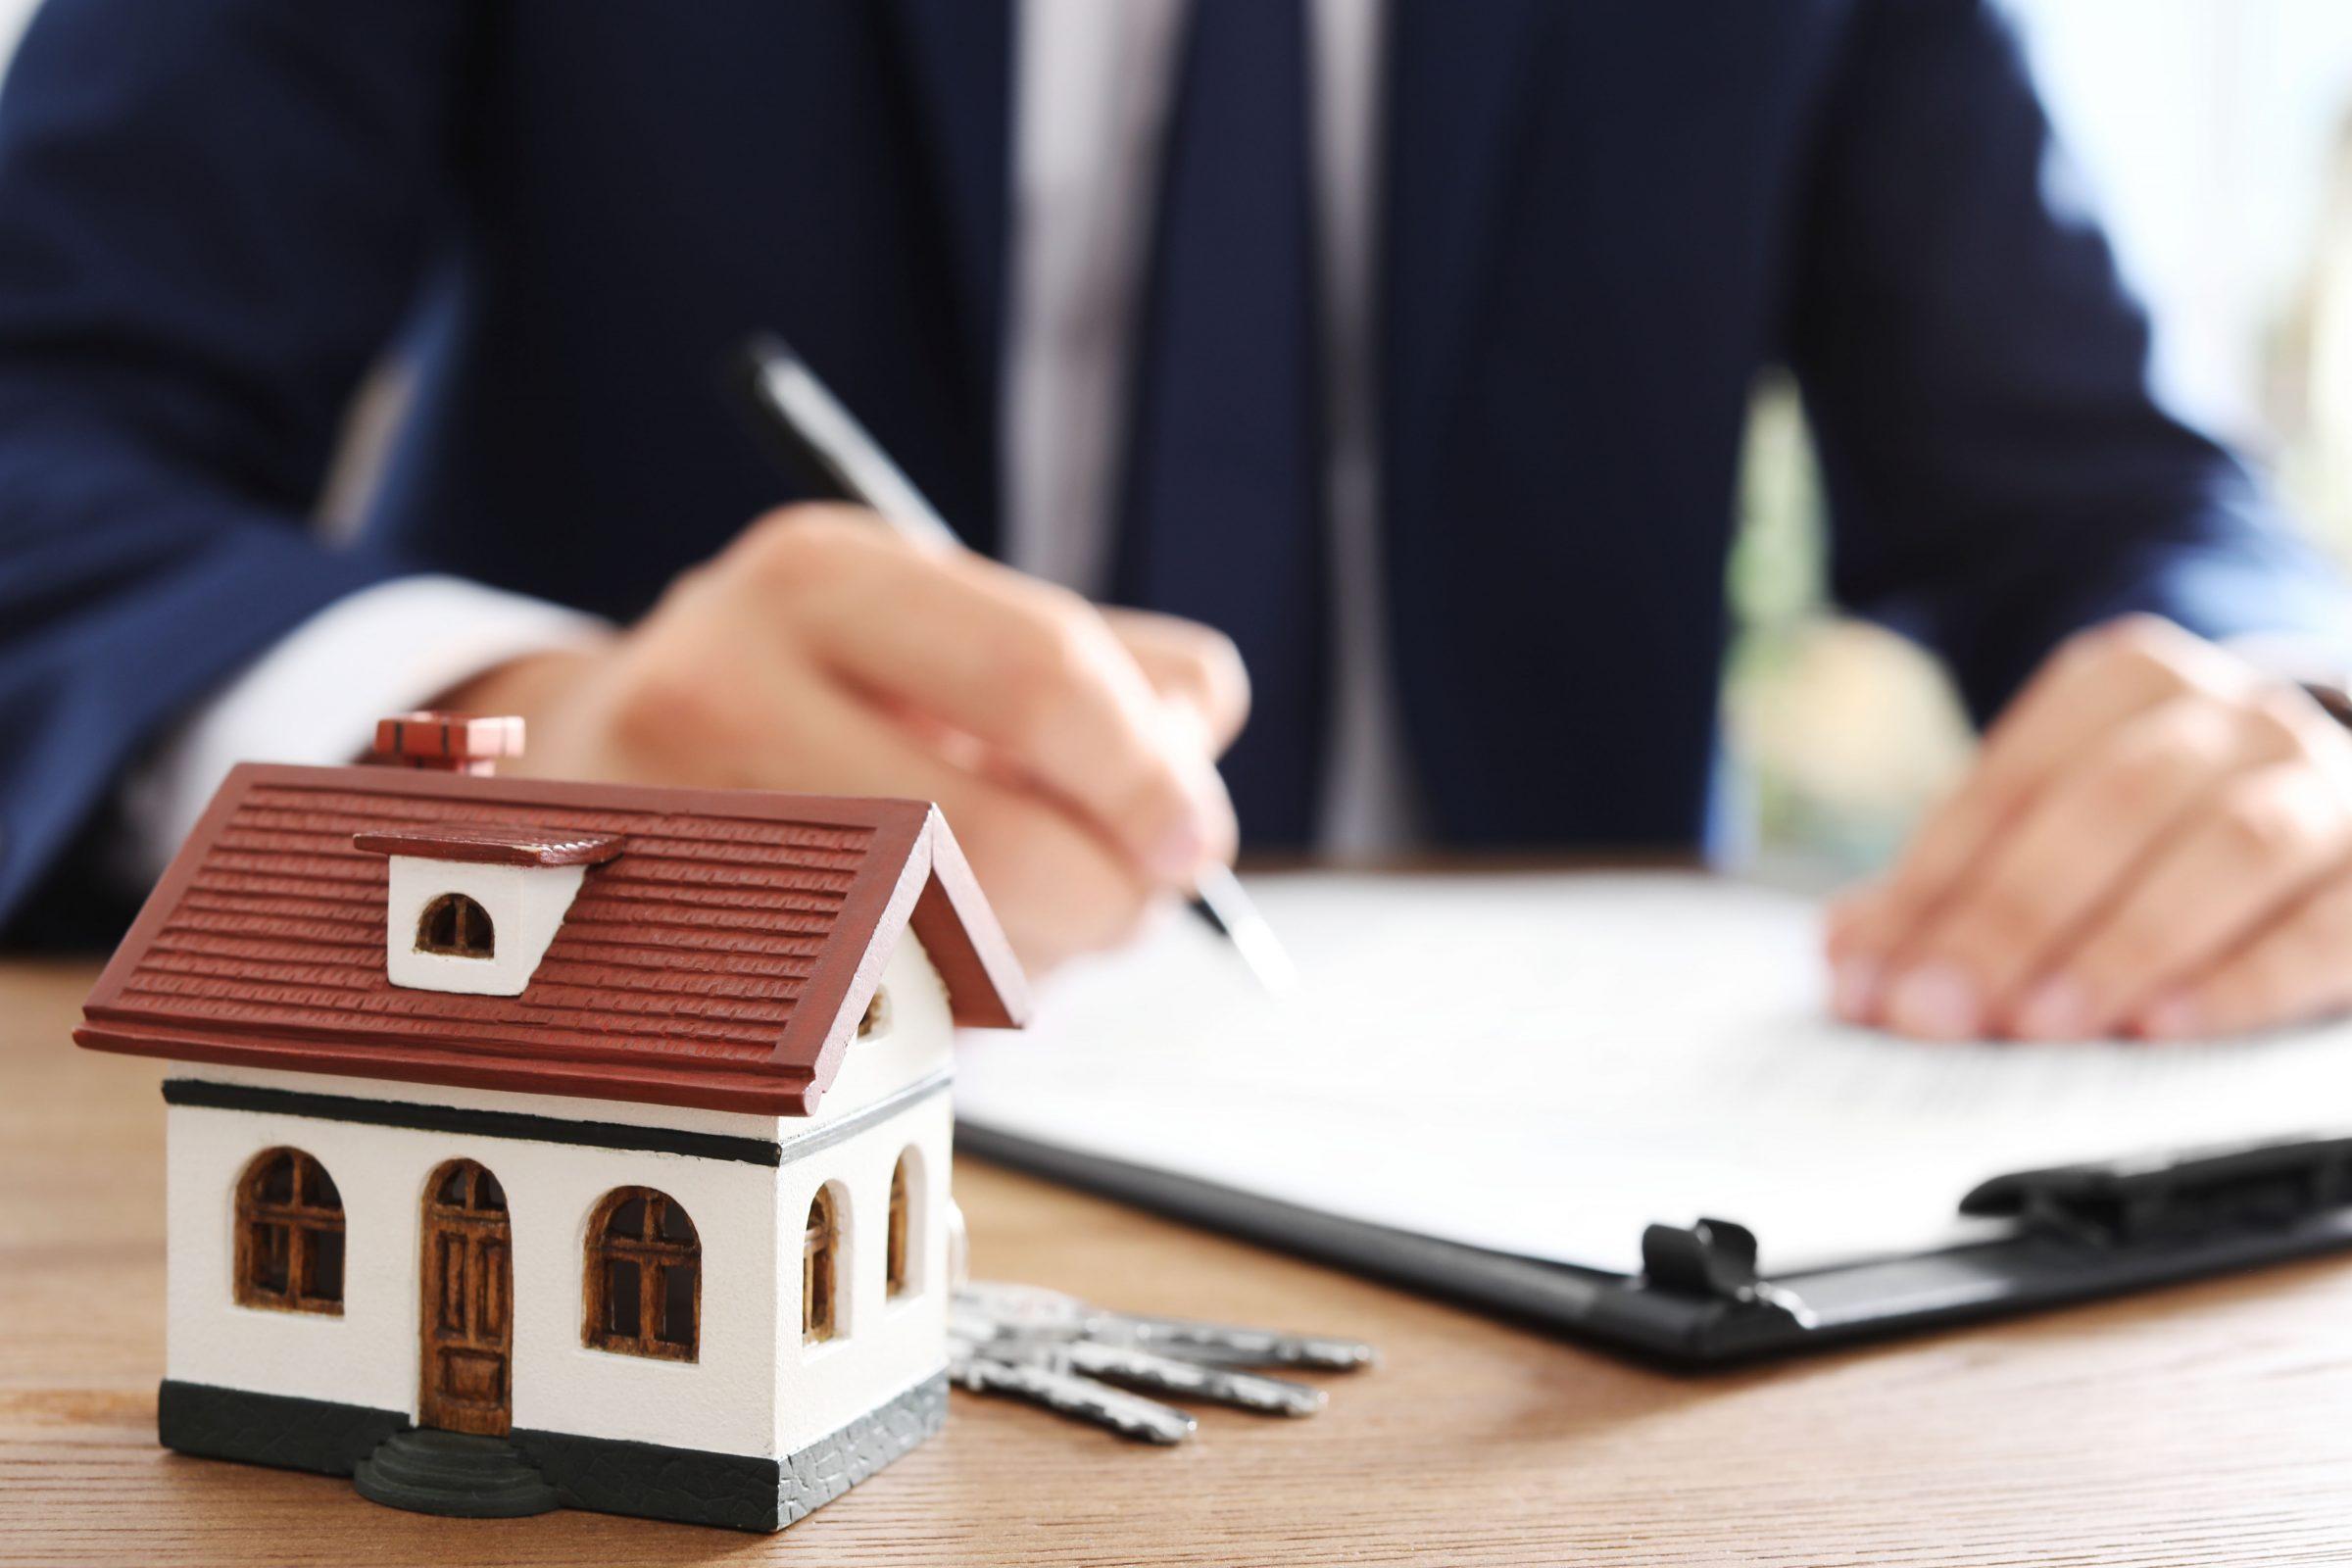 Maklerprovision - Neuregelung ab dem 23.12.2020